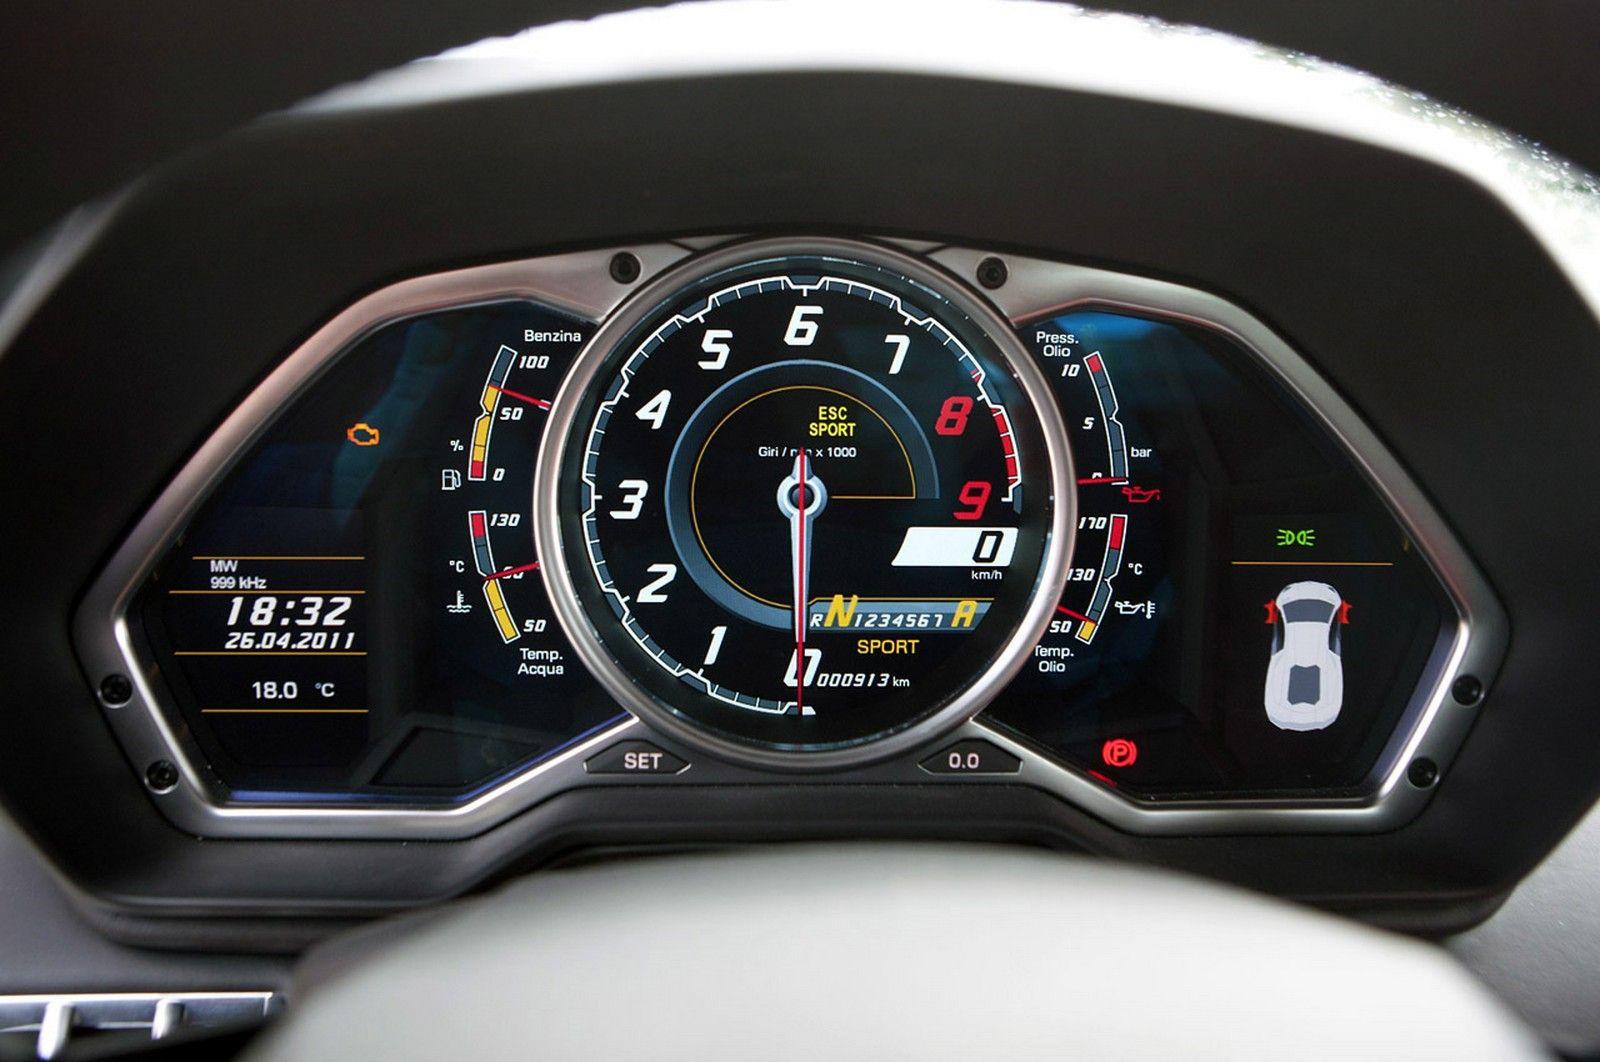 Mileage Meter Of Lamborghini Aventador